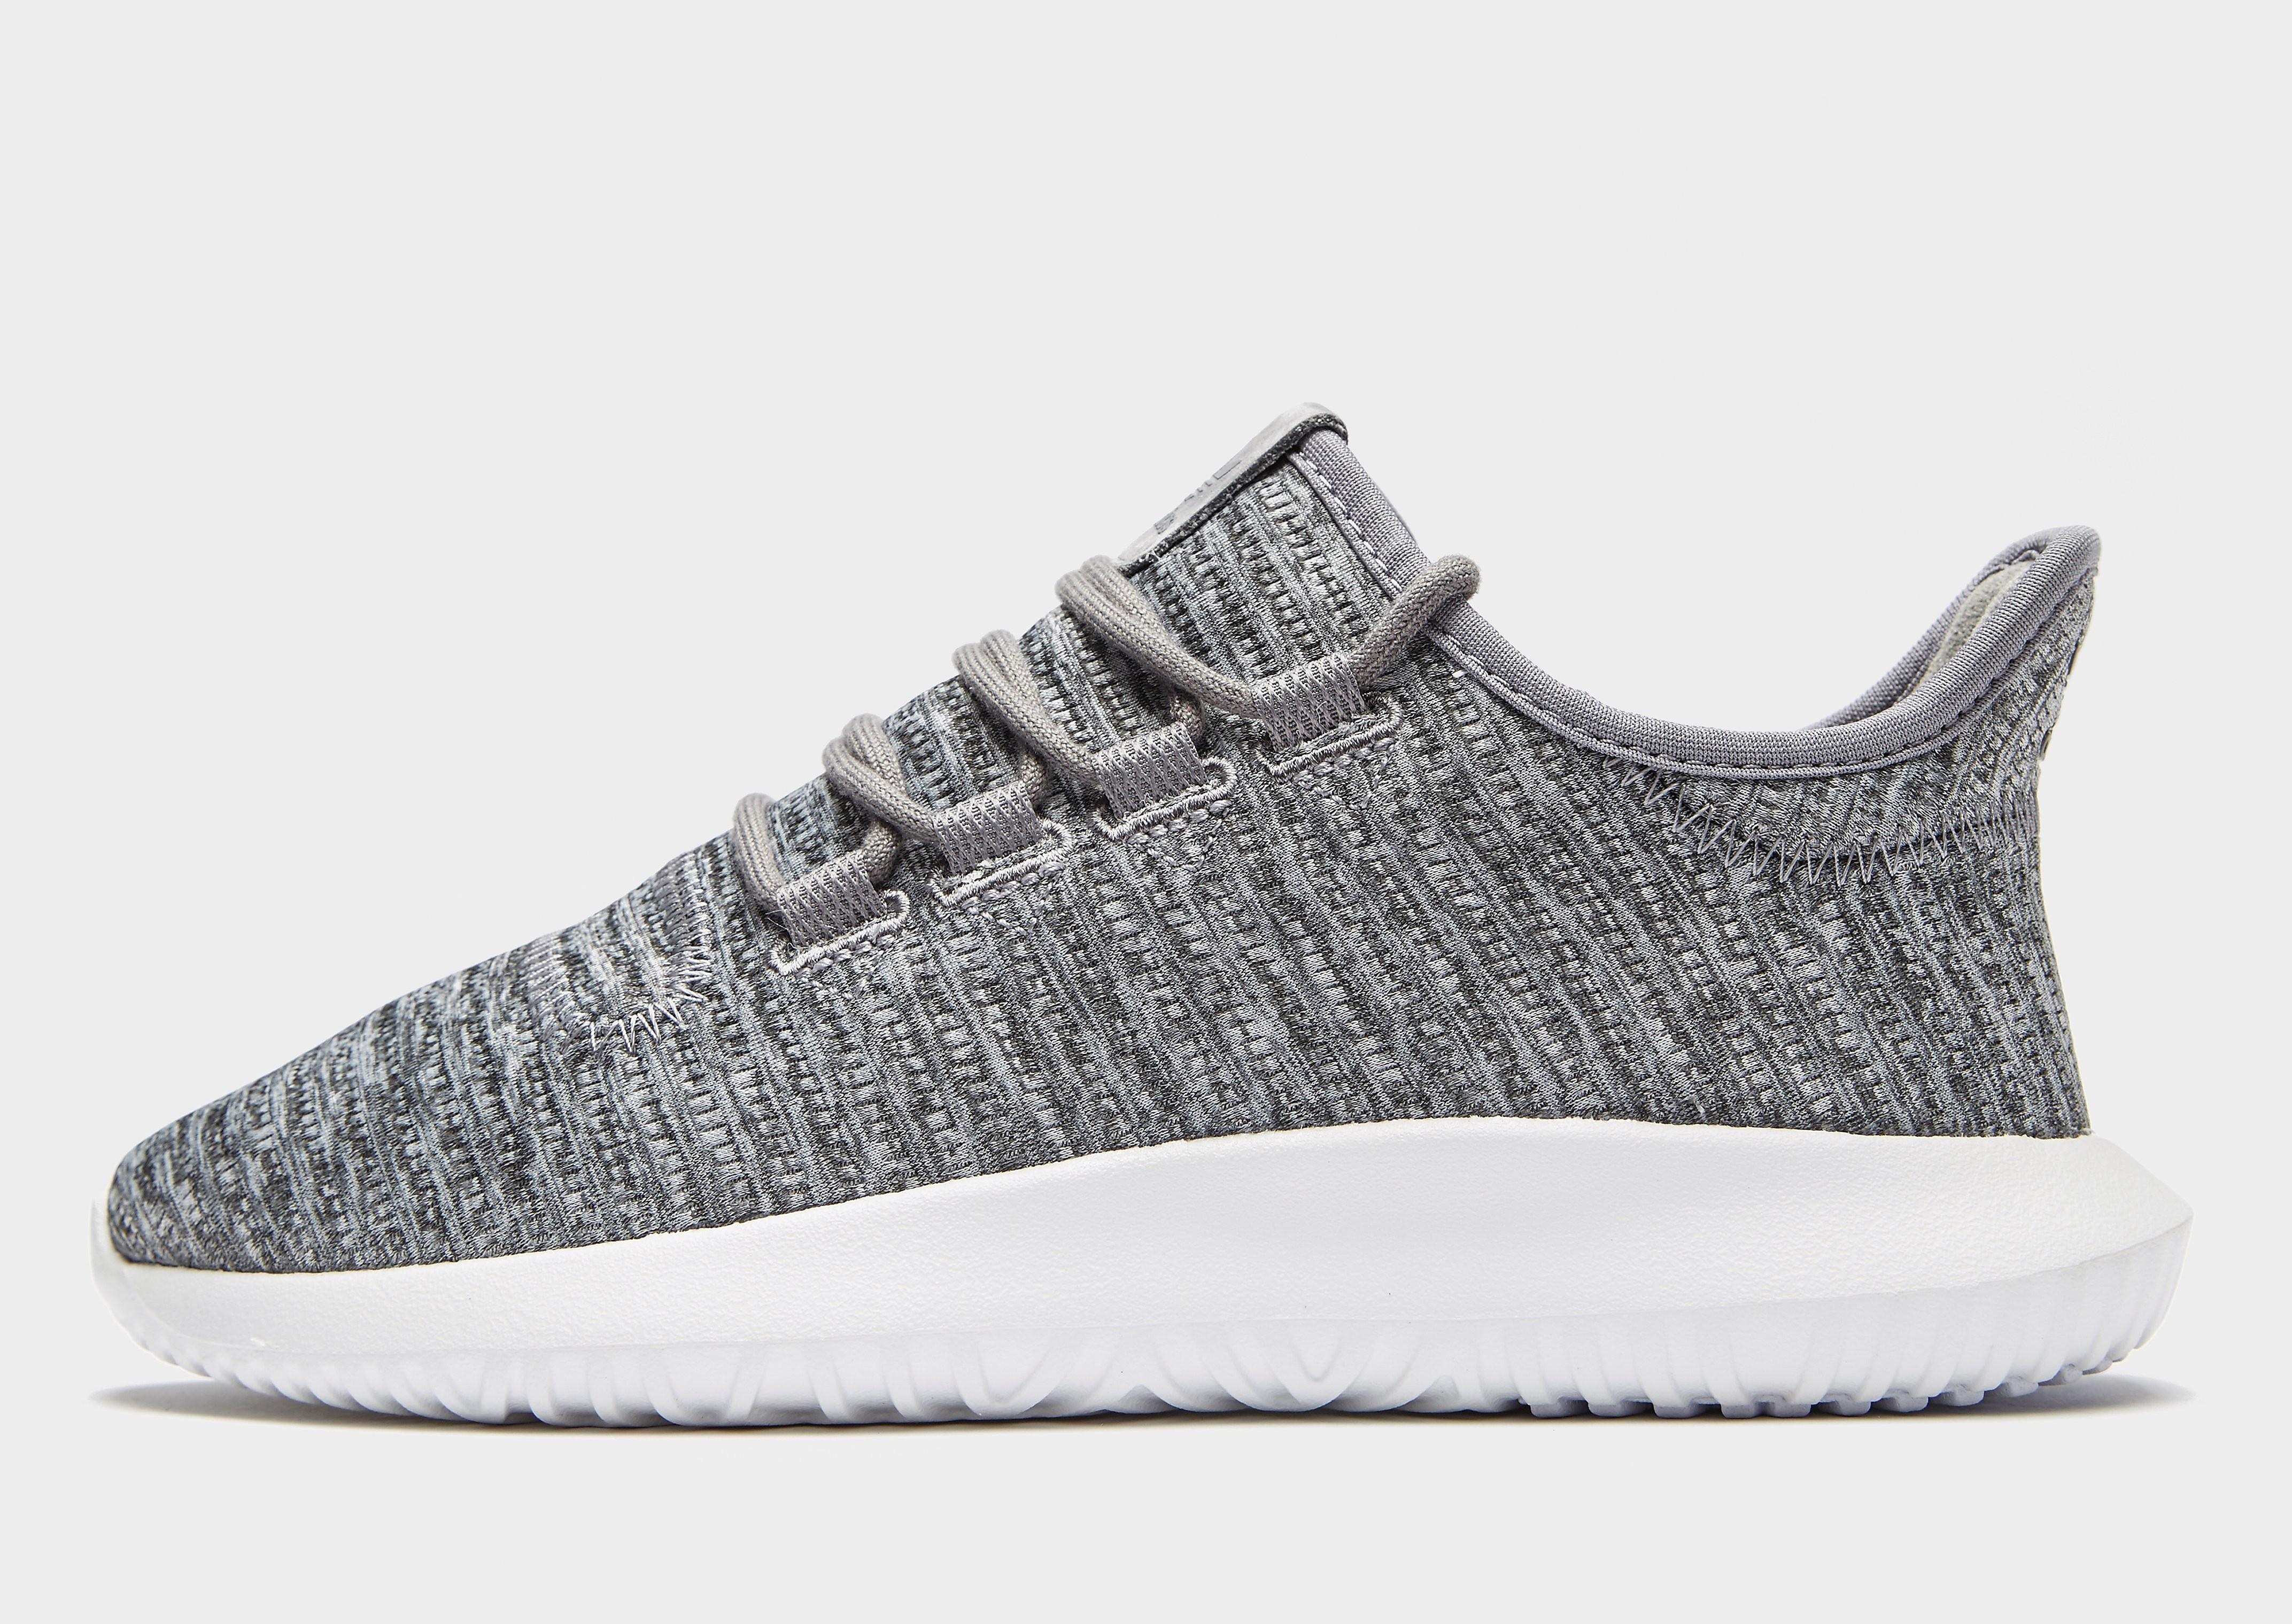 Precios de Adidas tubular sombra talla 40 baratos ofertas para